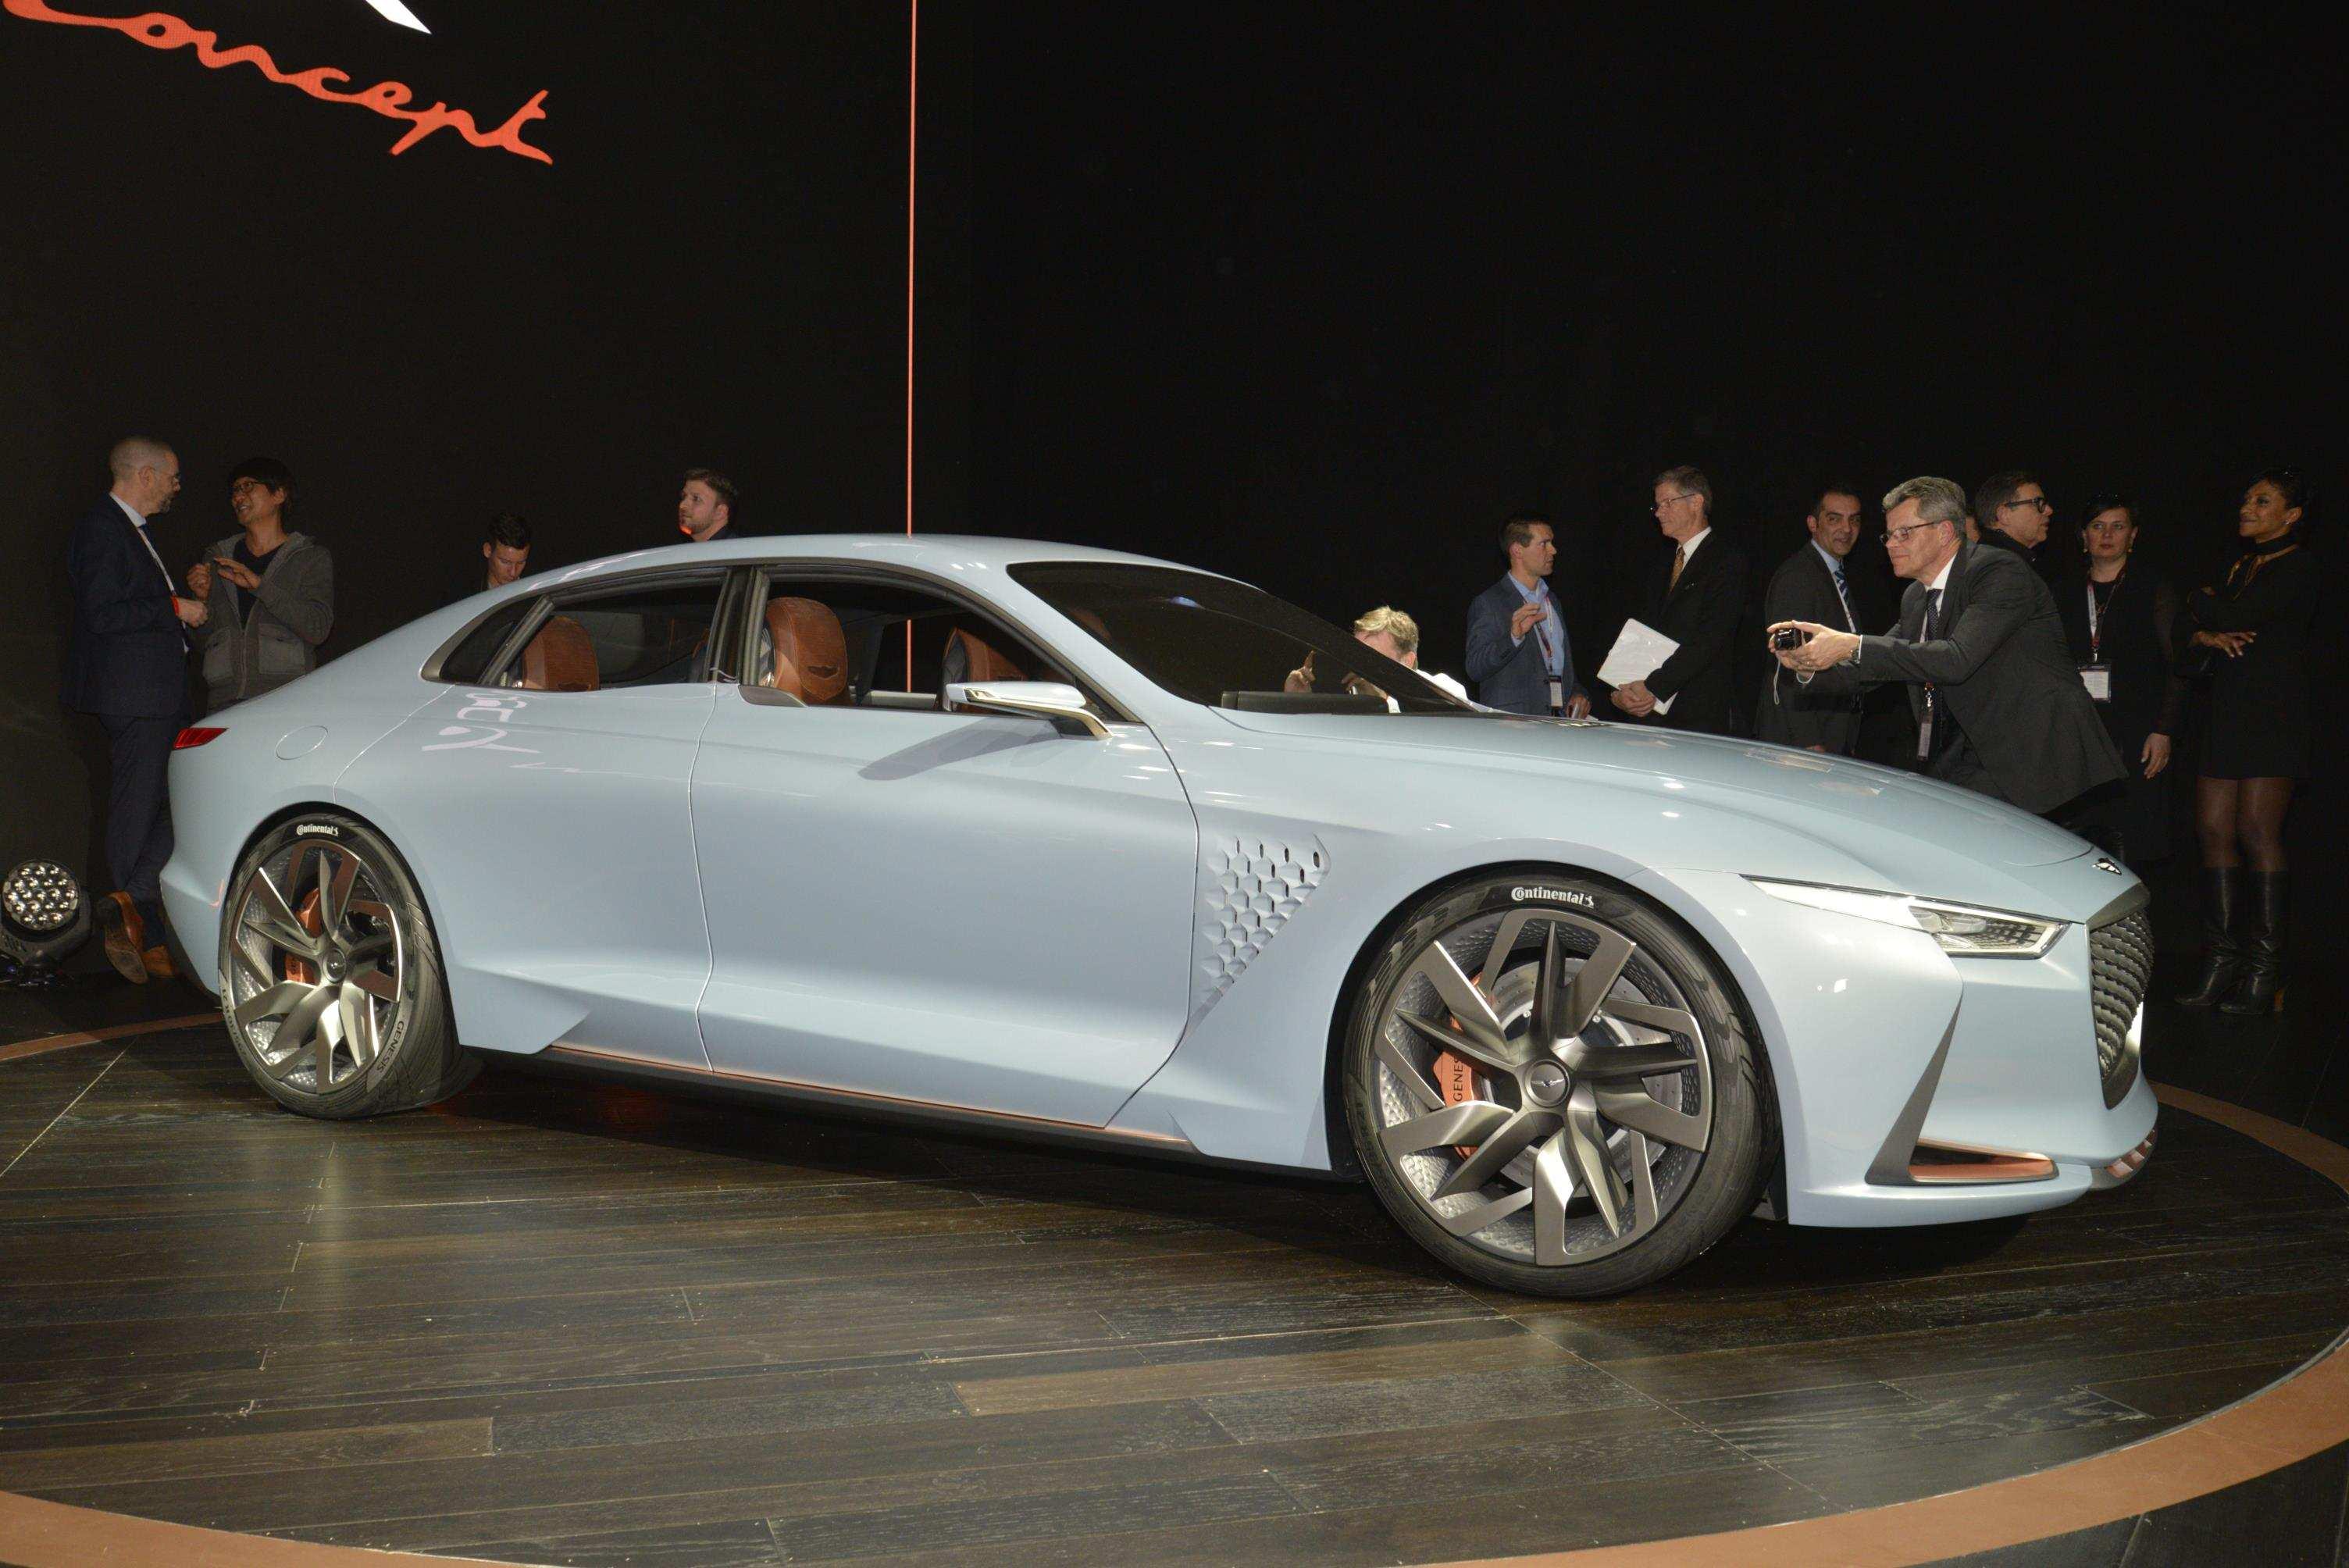 19 New 2020 Hyundai Equus Concept by 2020 Hyundai Equus